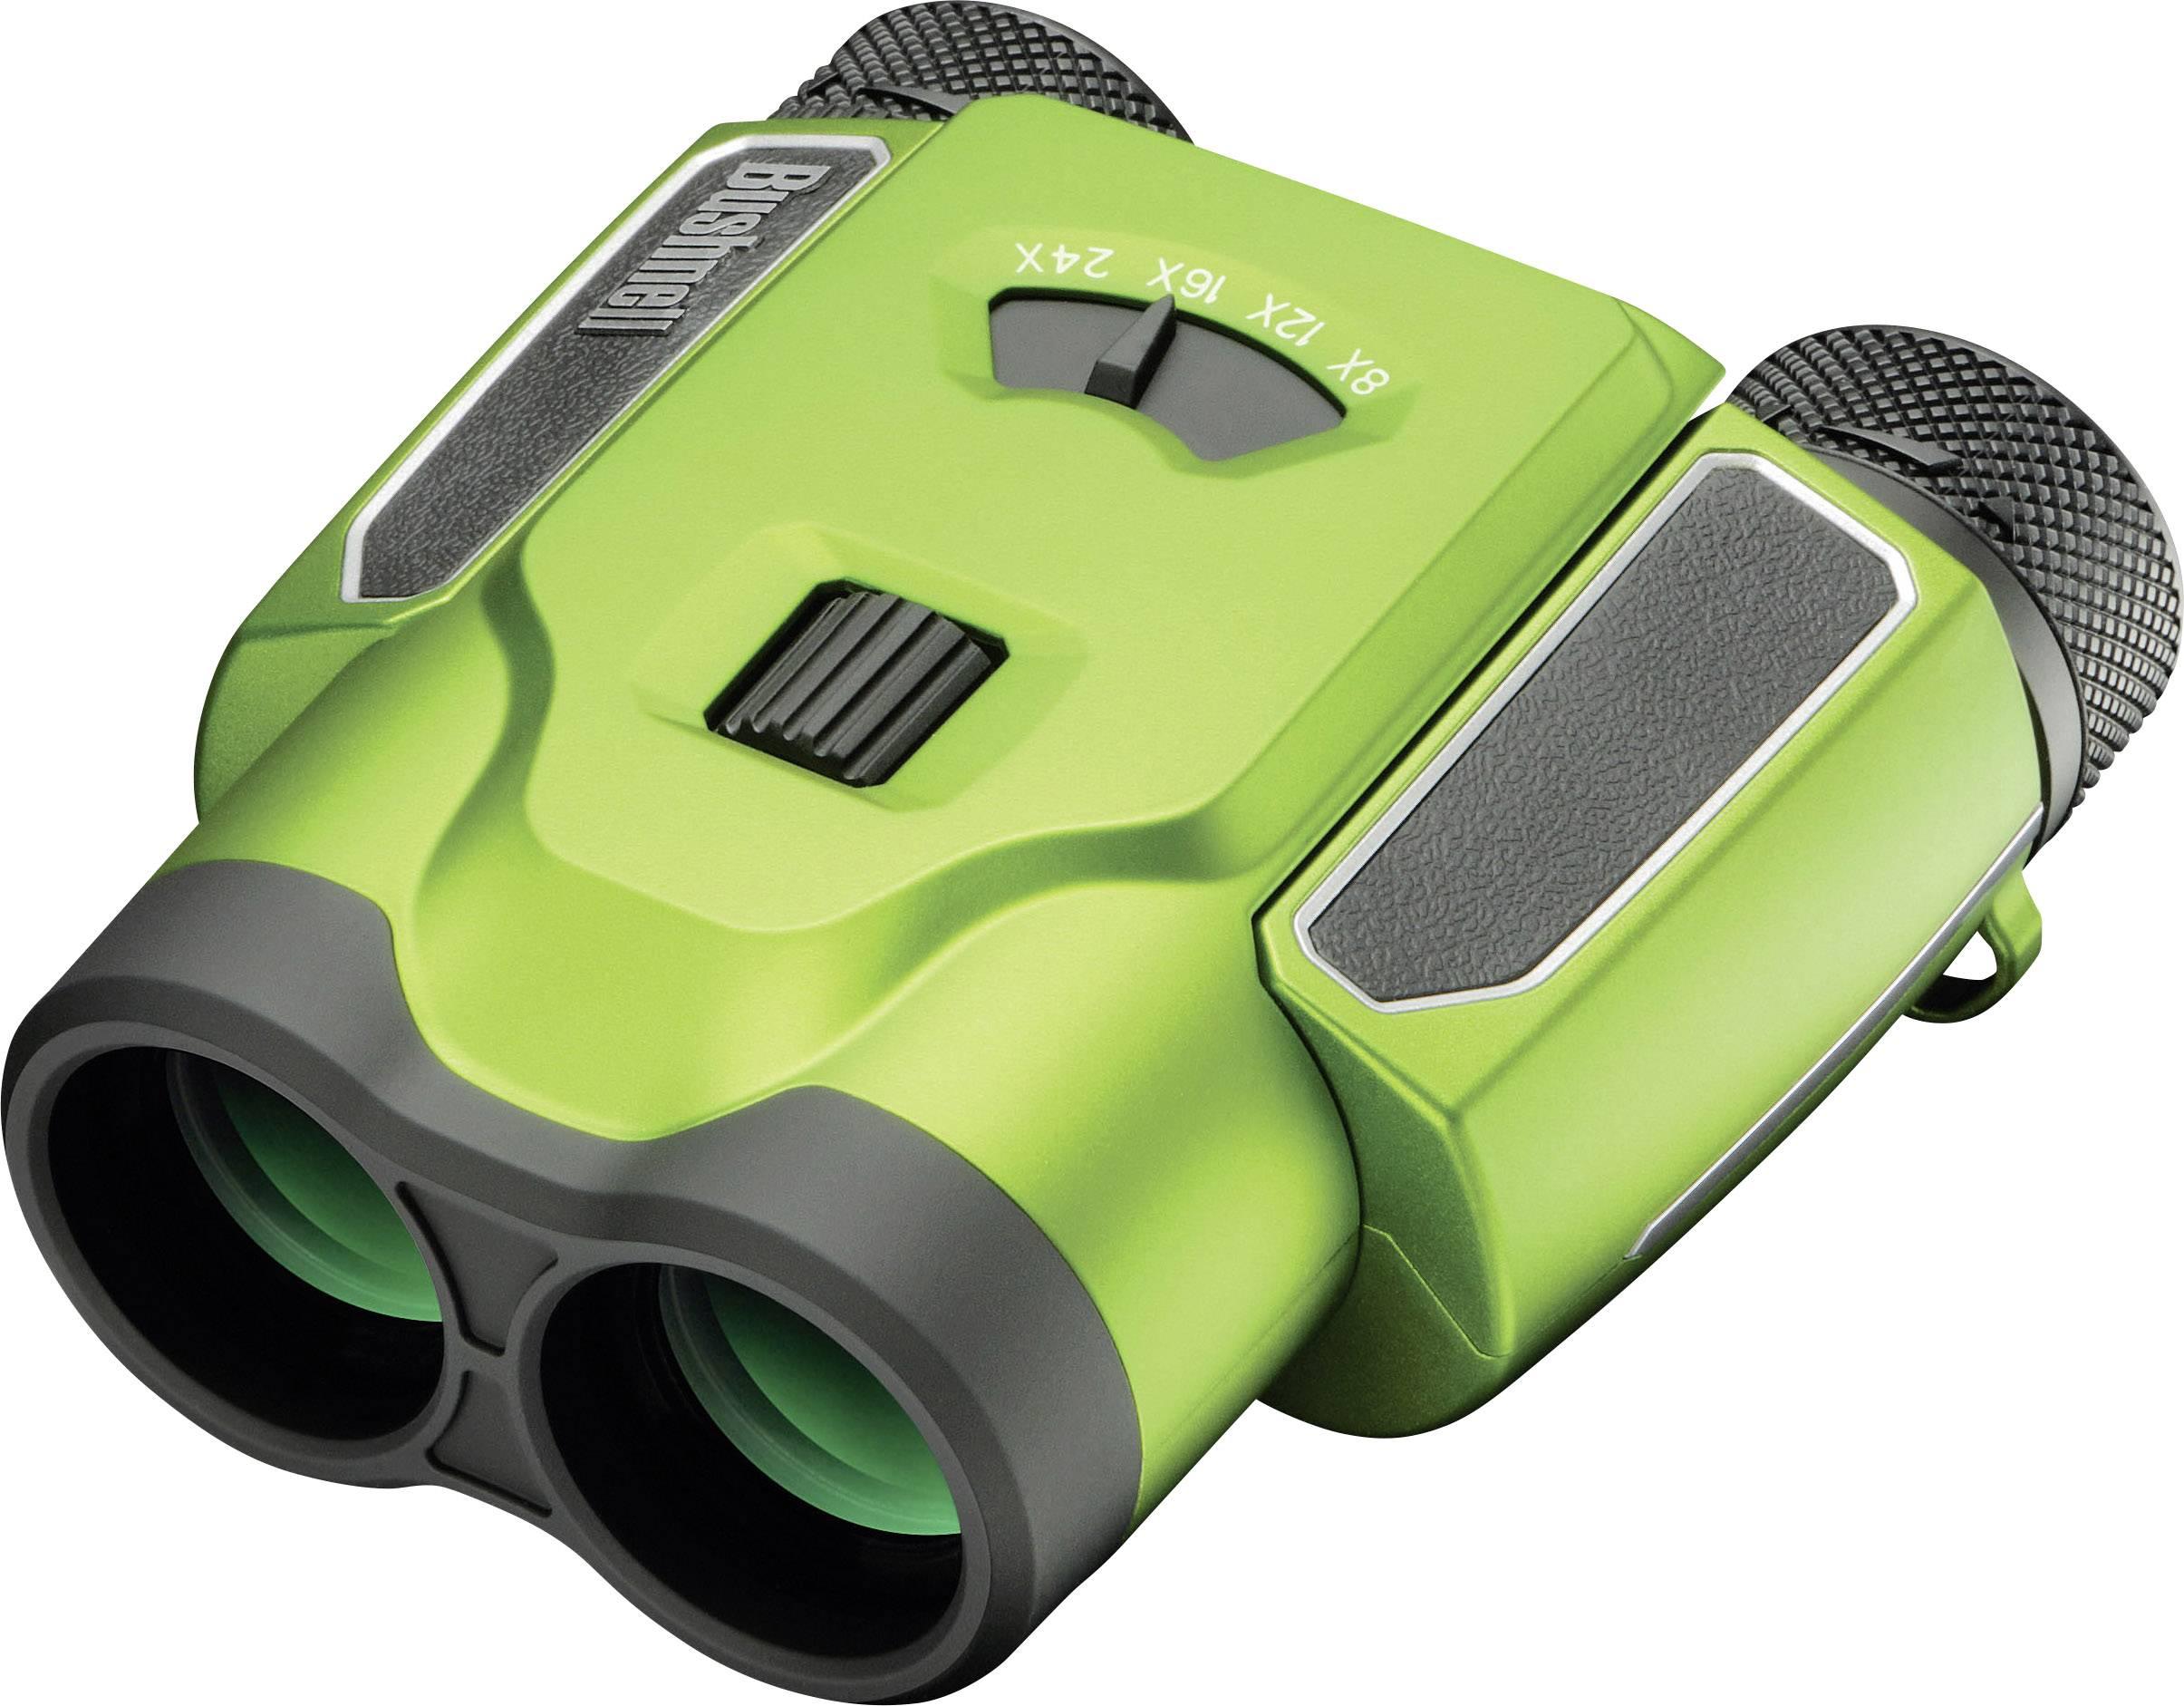 Zoom fernglas bushnell spectator sport zoom grün grün